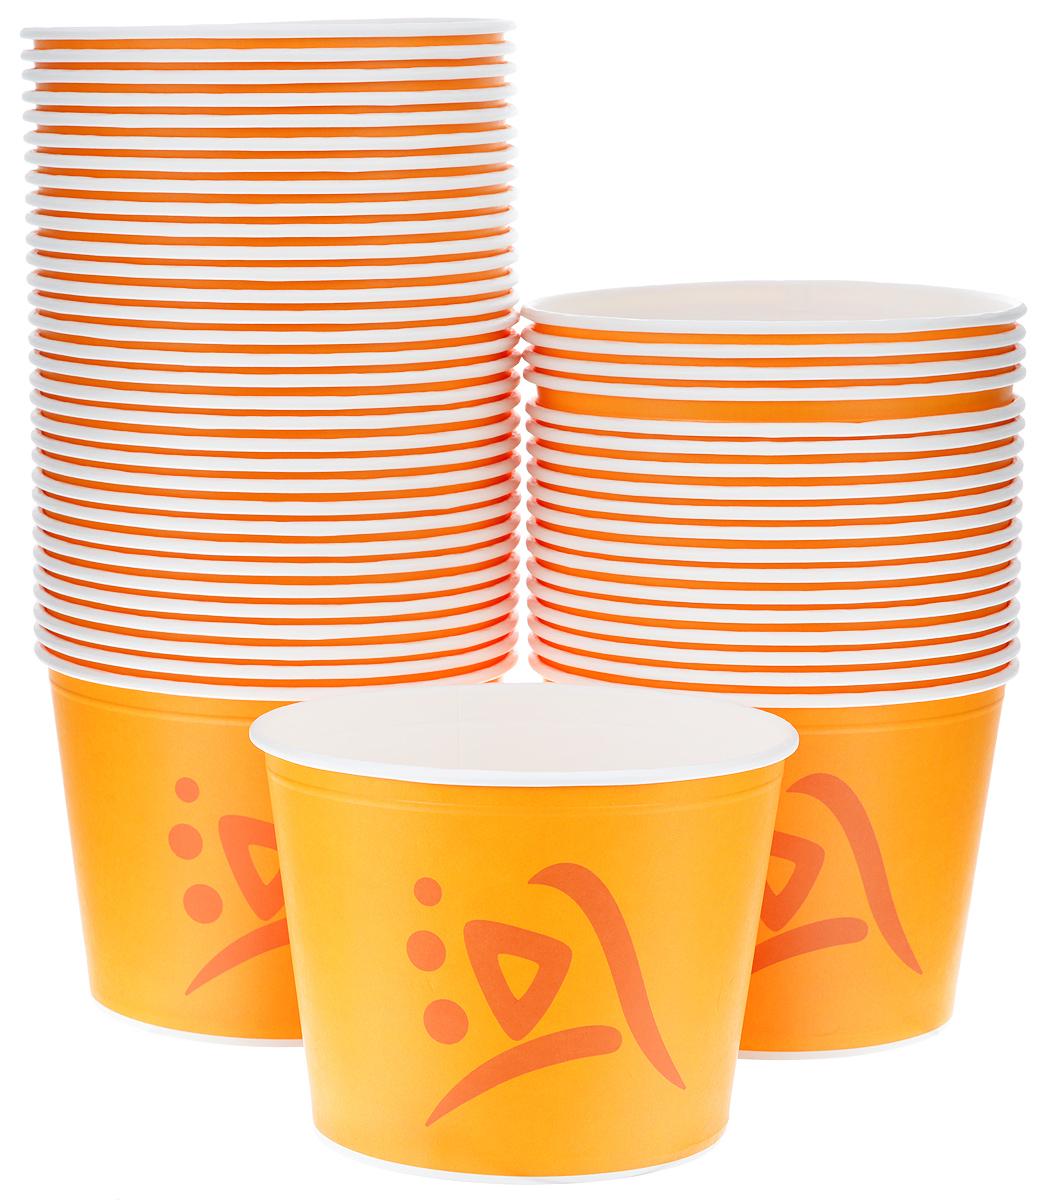 Набор одноразовых ведер Huhtamaki Whizz, бумажные, 2,5 л, 50 штVT-1520(SR)Набор Huhtamaki Whizz состоит из 50 больших ведер, выполненных из плотной бумаги и предназначенных для одноразового использования. Изделия декорированы оригинальным узором. Одноразовые ведра будут незаменимы при поездках на природу, пикниках и других мероприятиях. Они не займут много места, легки и самое главное - после использования их не надо мыть.Диаметр ведра: 18 см.Высота ведра: 14,5 см.